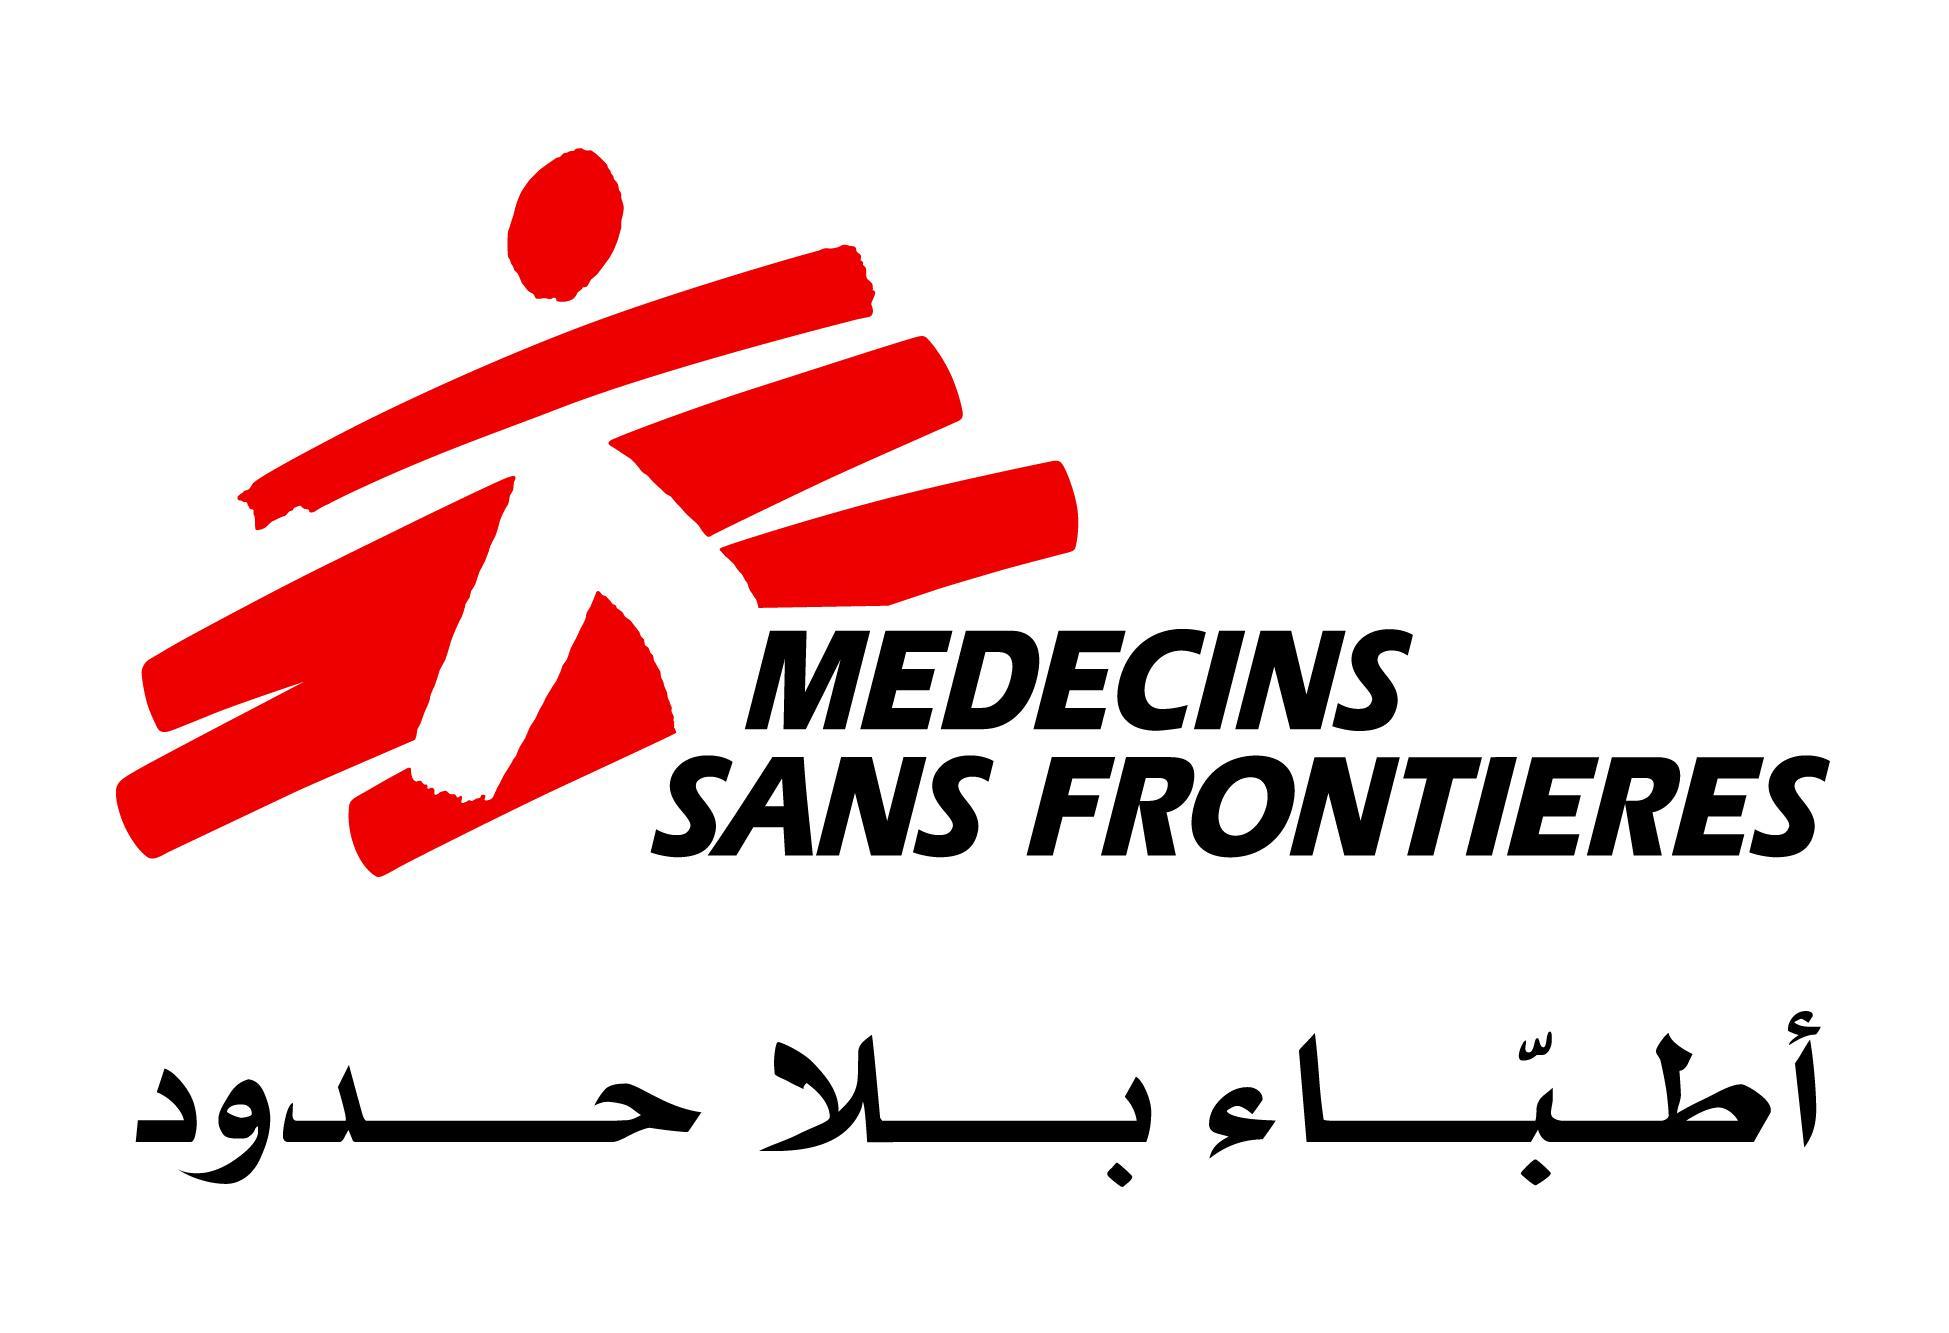 أطباء بلاحدود: عالجنا 60 ألف مصاب بالكوليرا في اليمن